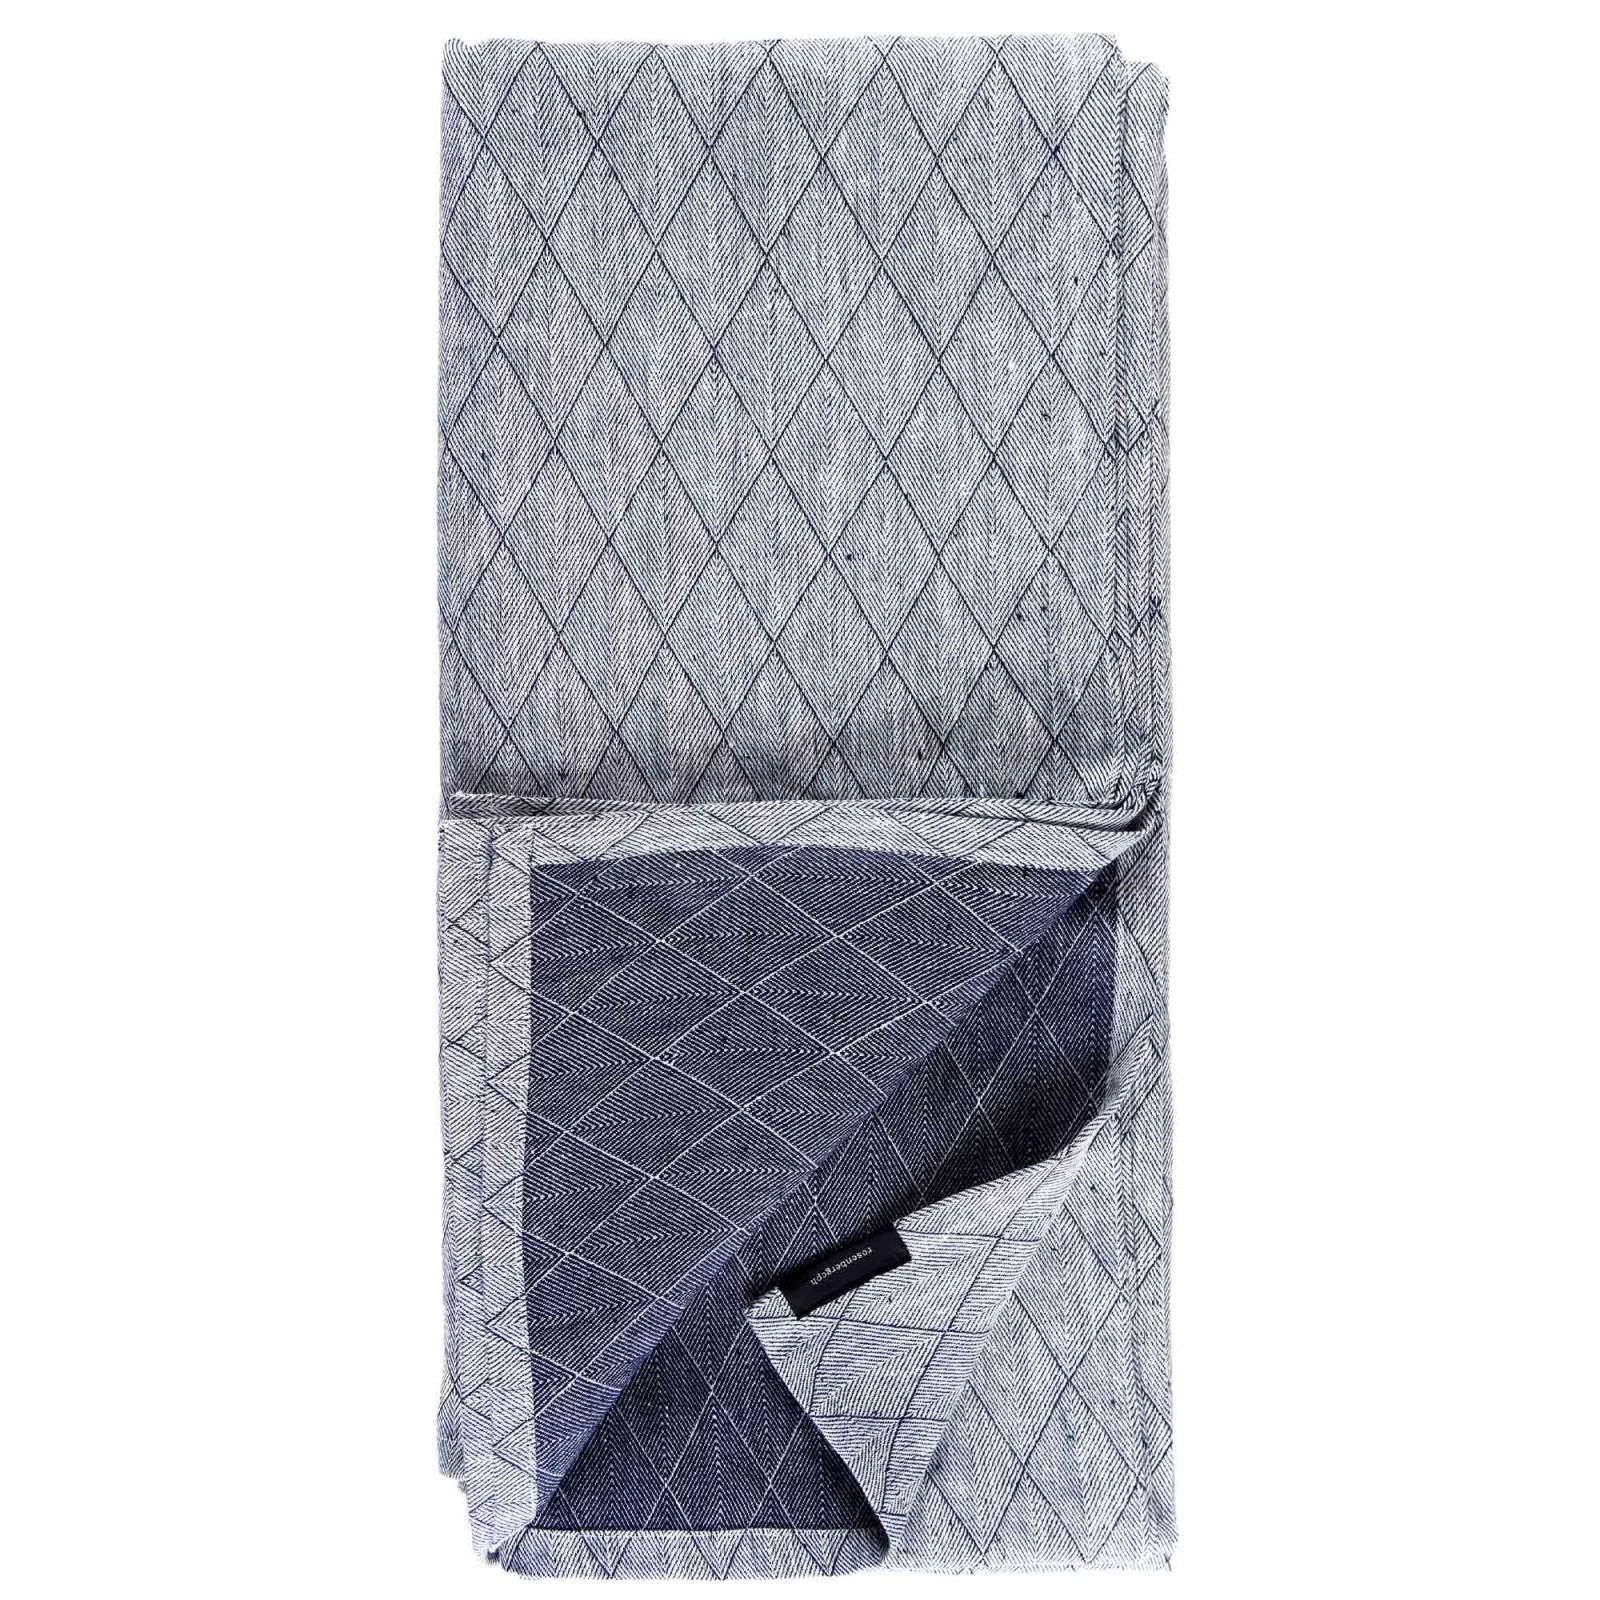 Bedspread navy blue, 240cm width